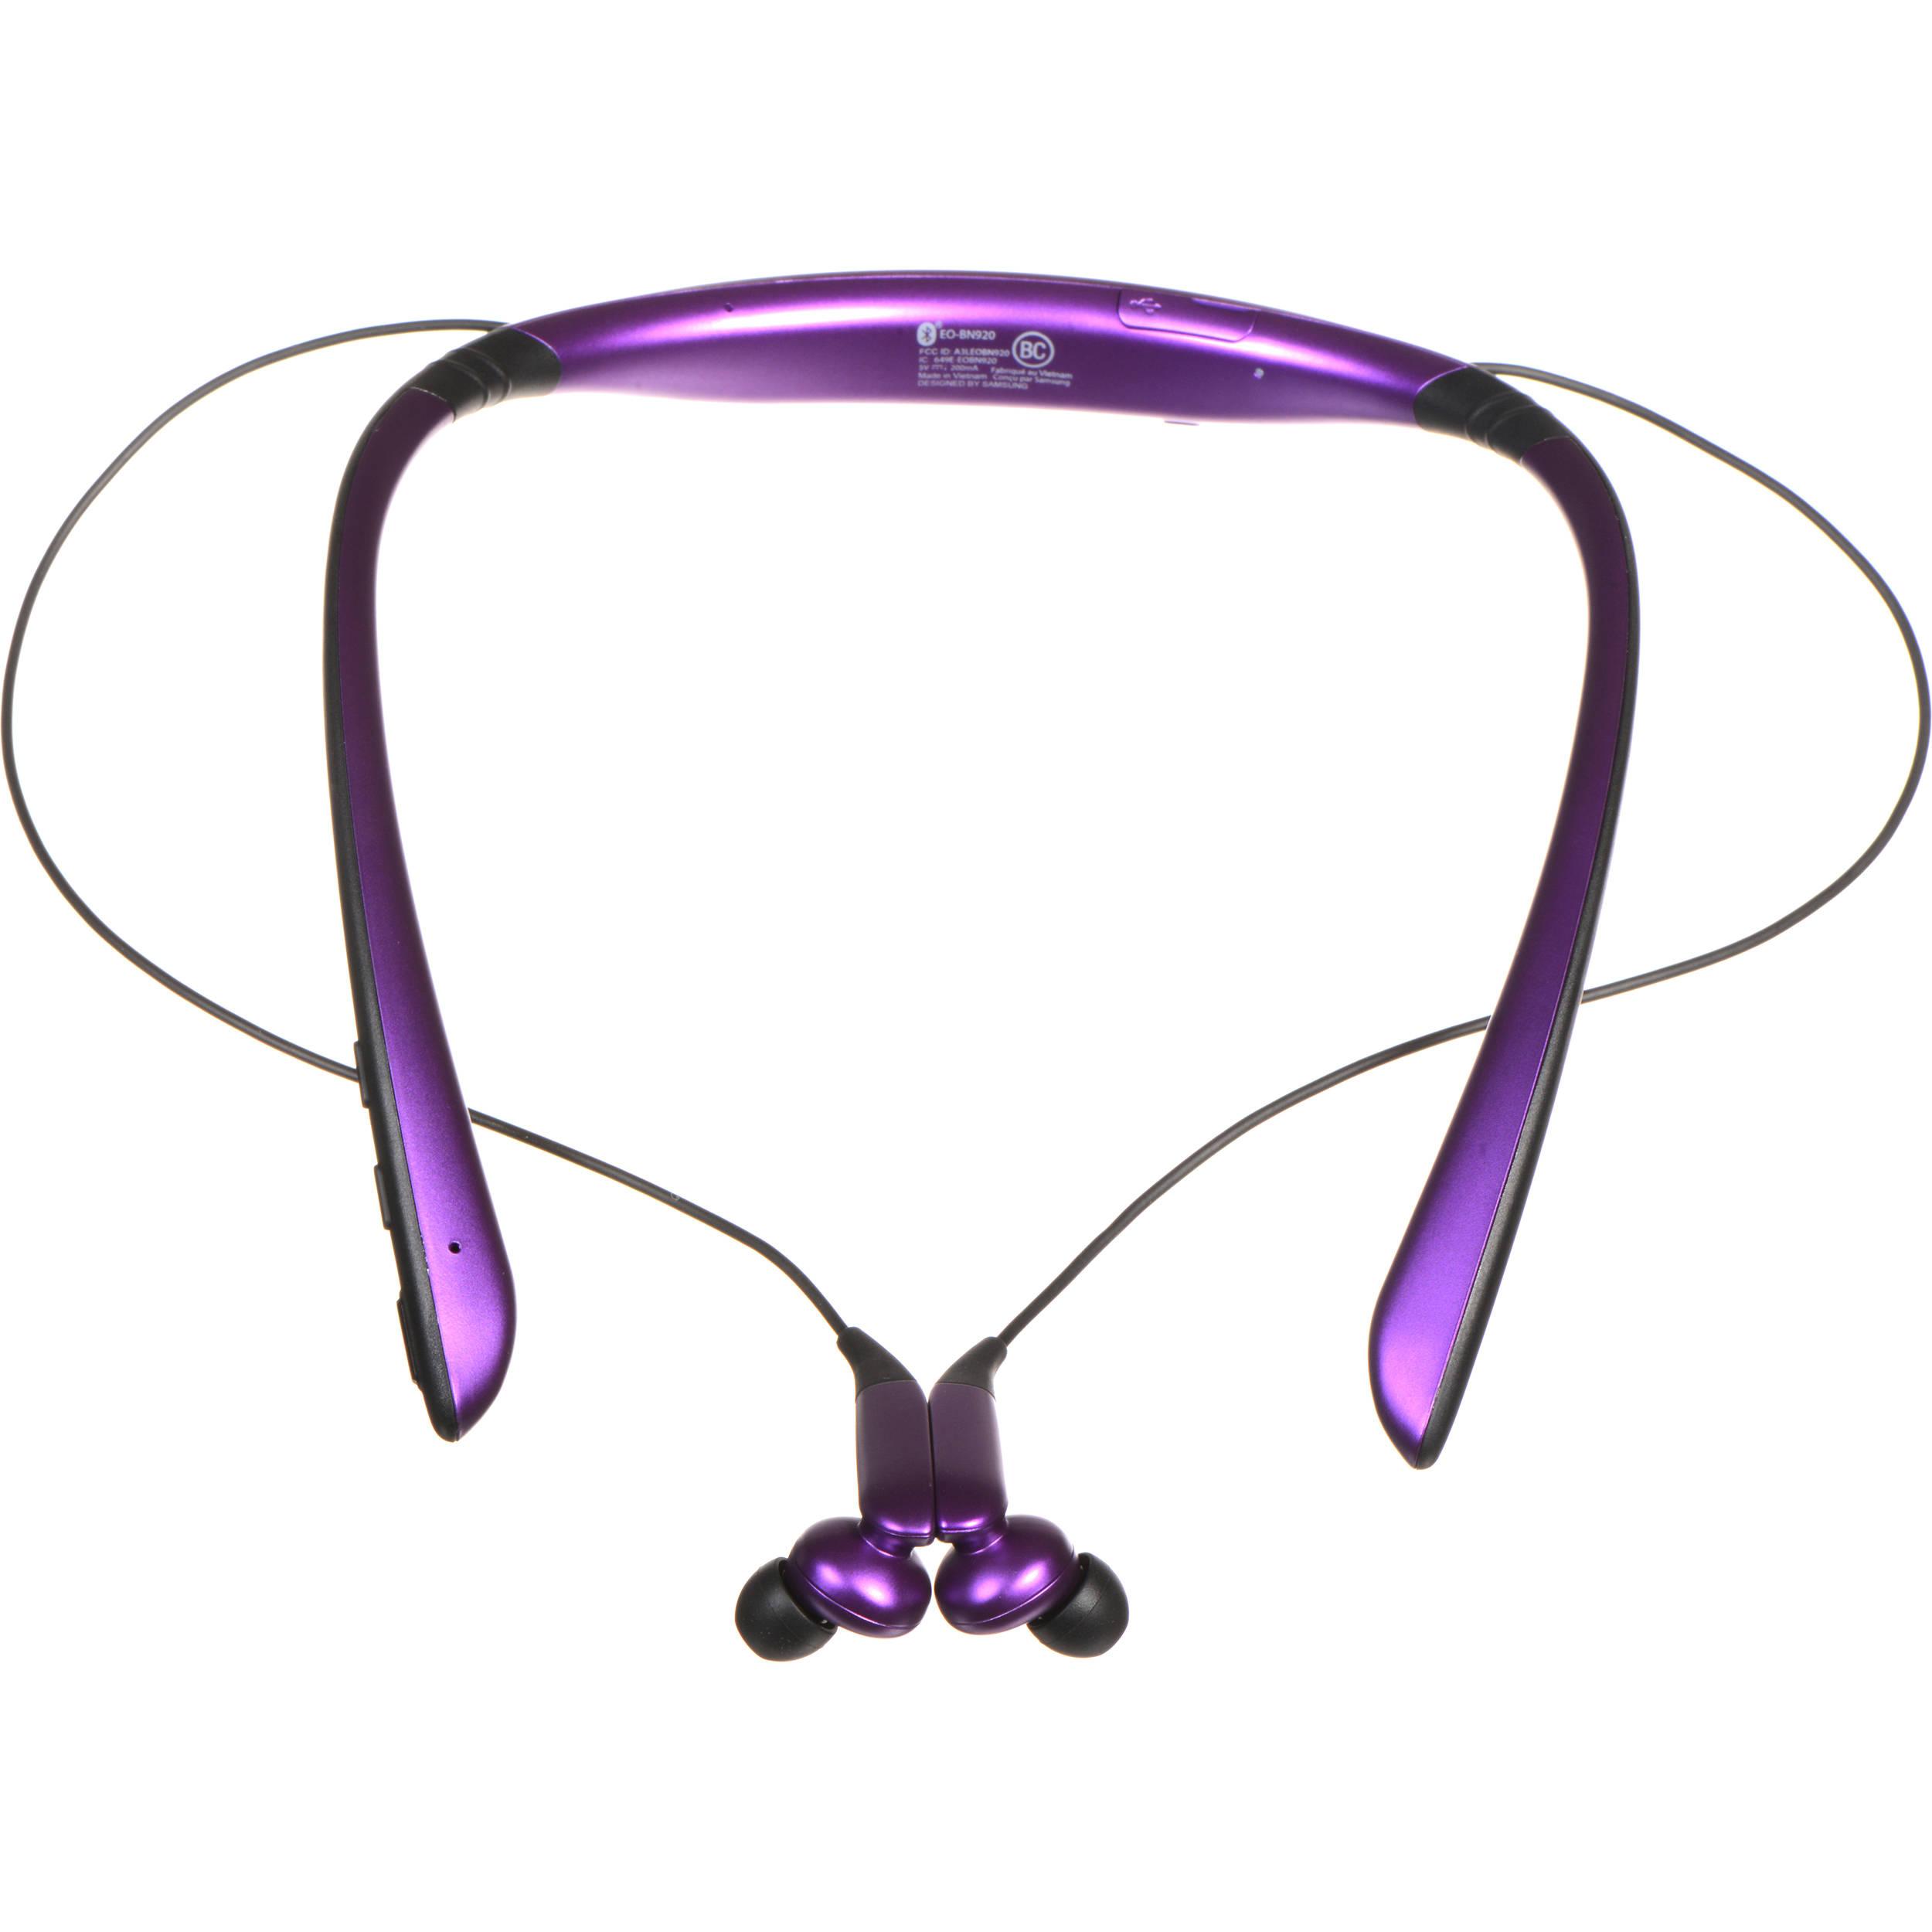 905d73a8731 Samsung Level U Pro Bluetooth Stereo Wireless EO-BN920CVEGUS B&H